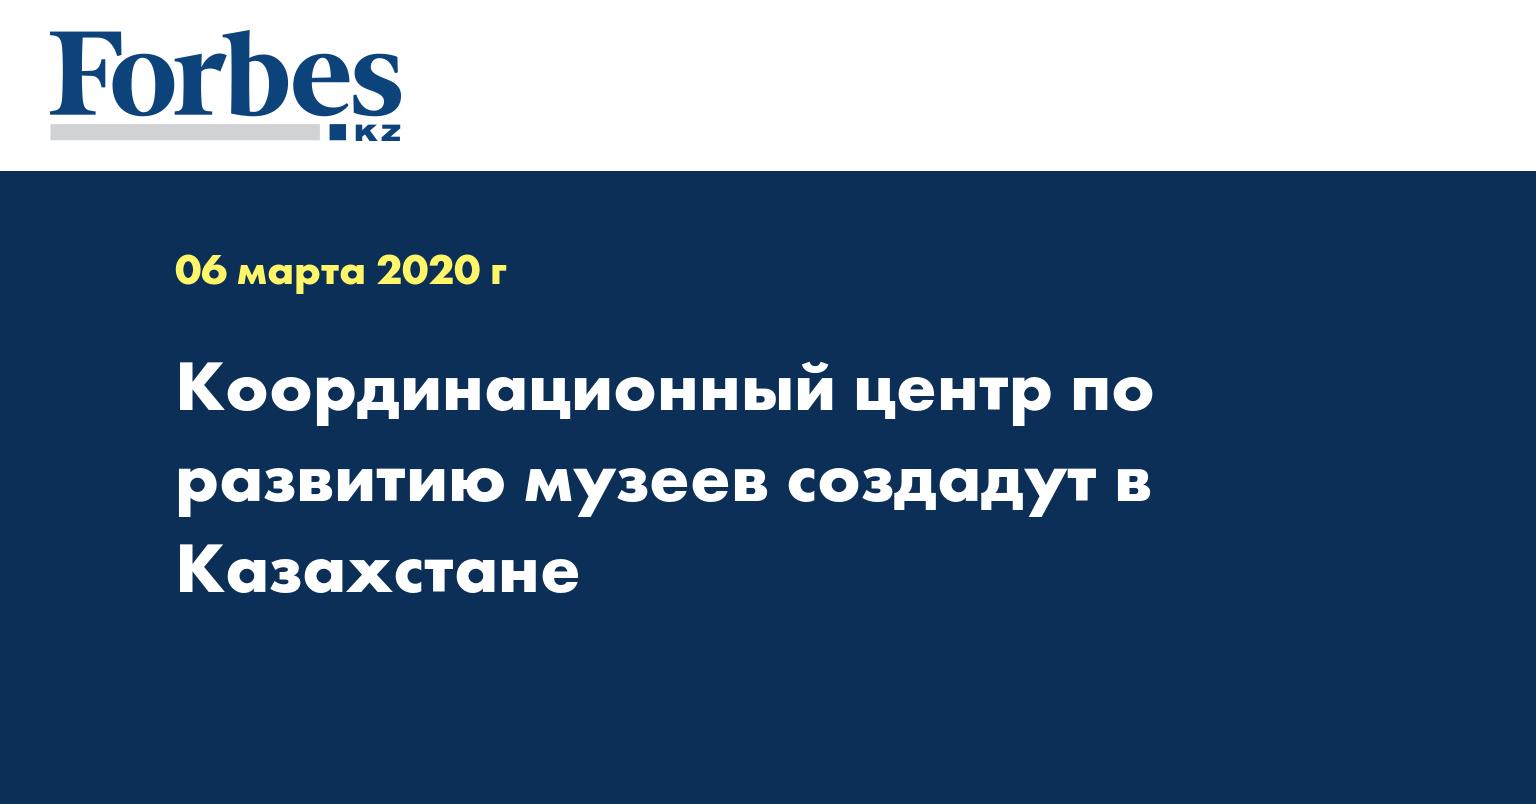 Координационный центр по развитию музеев создадут в Казахстане